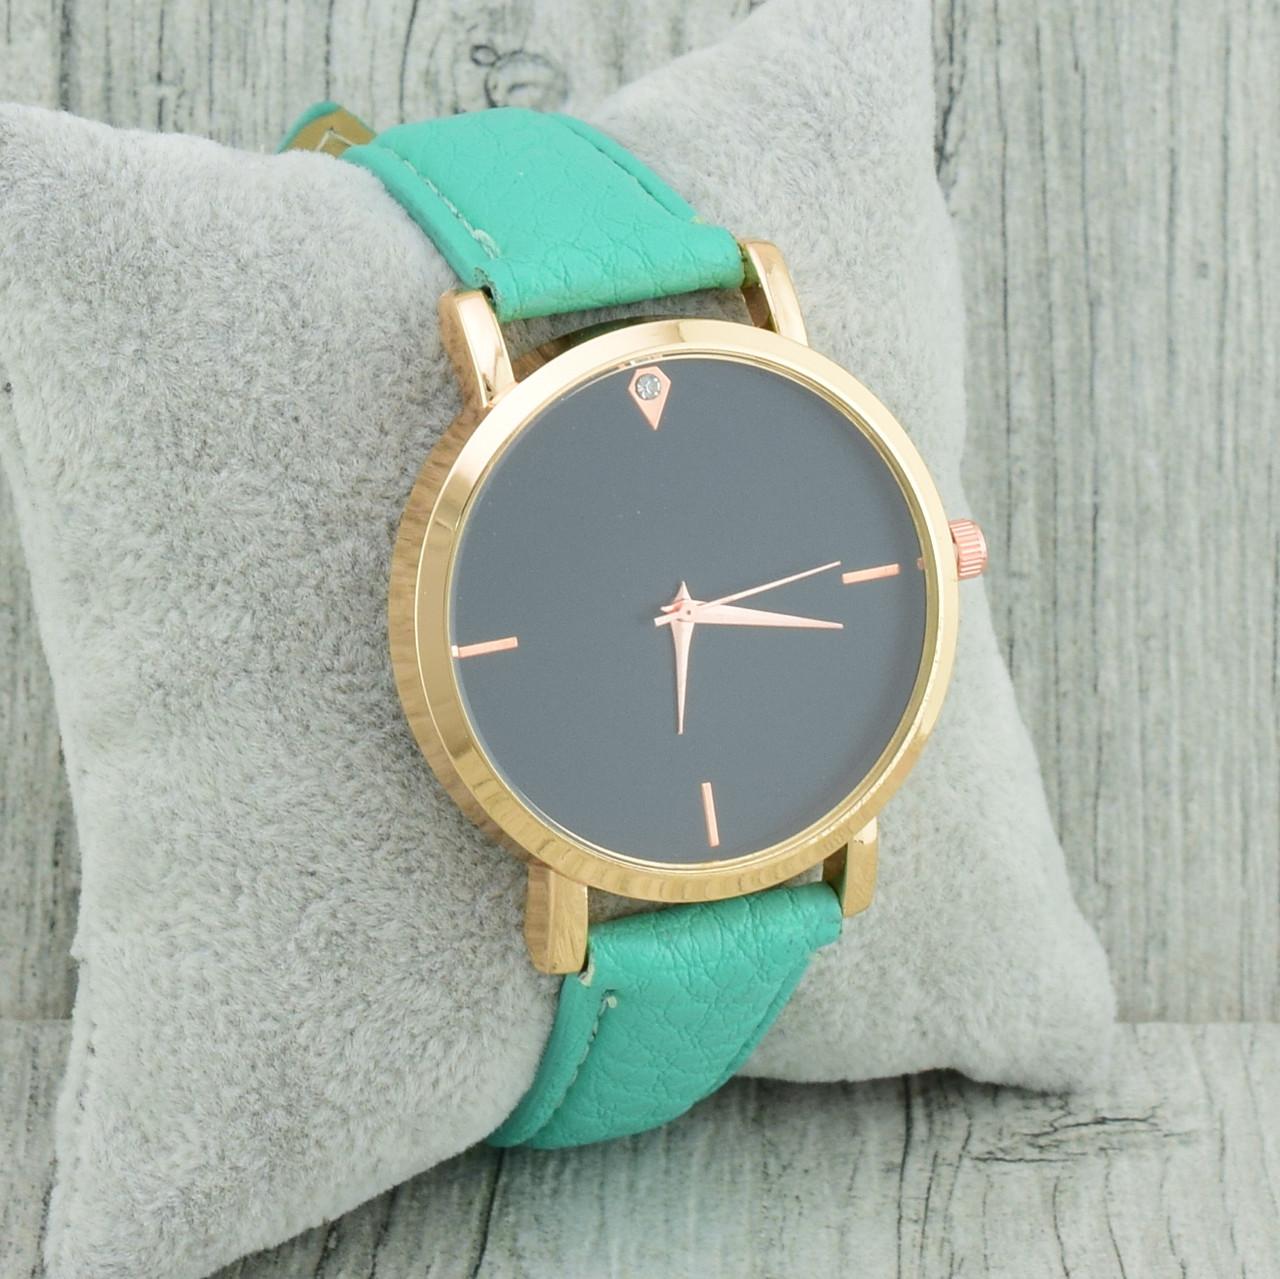 Часы G-107 диаметр циферблата 3.7 см, длина ремешка 18-21 см, бирюзовый цвет, позолота РО